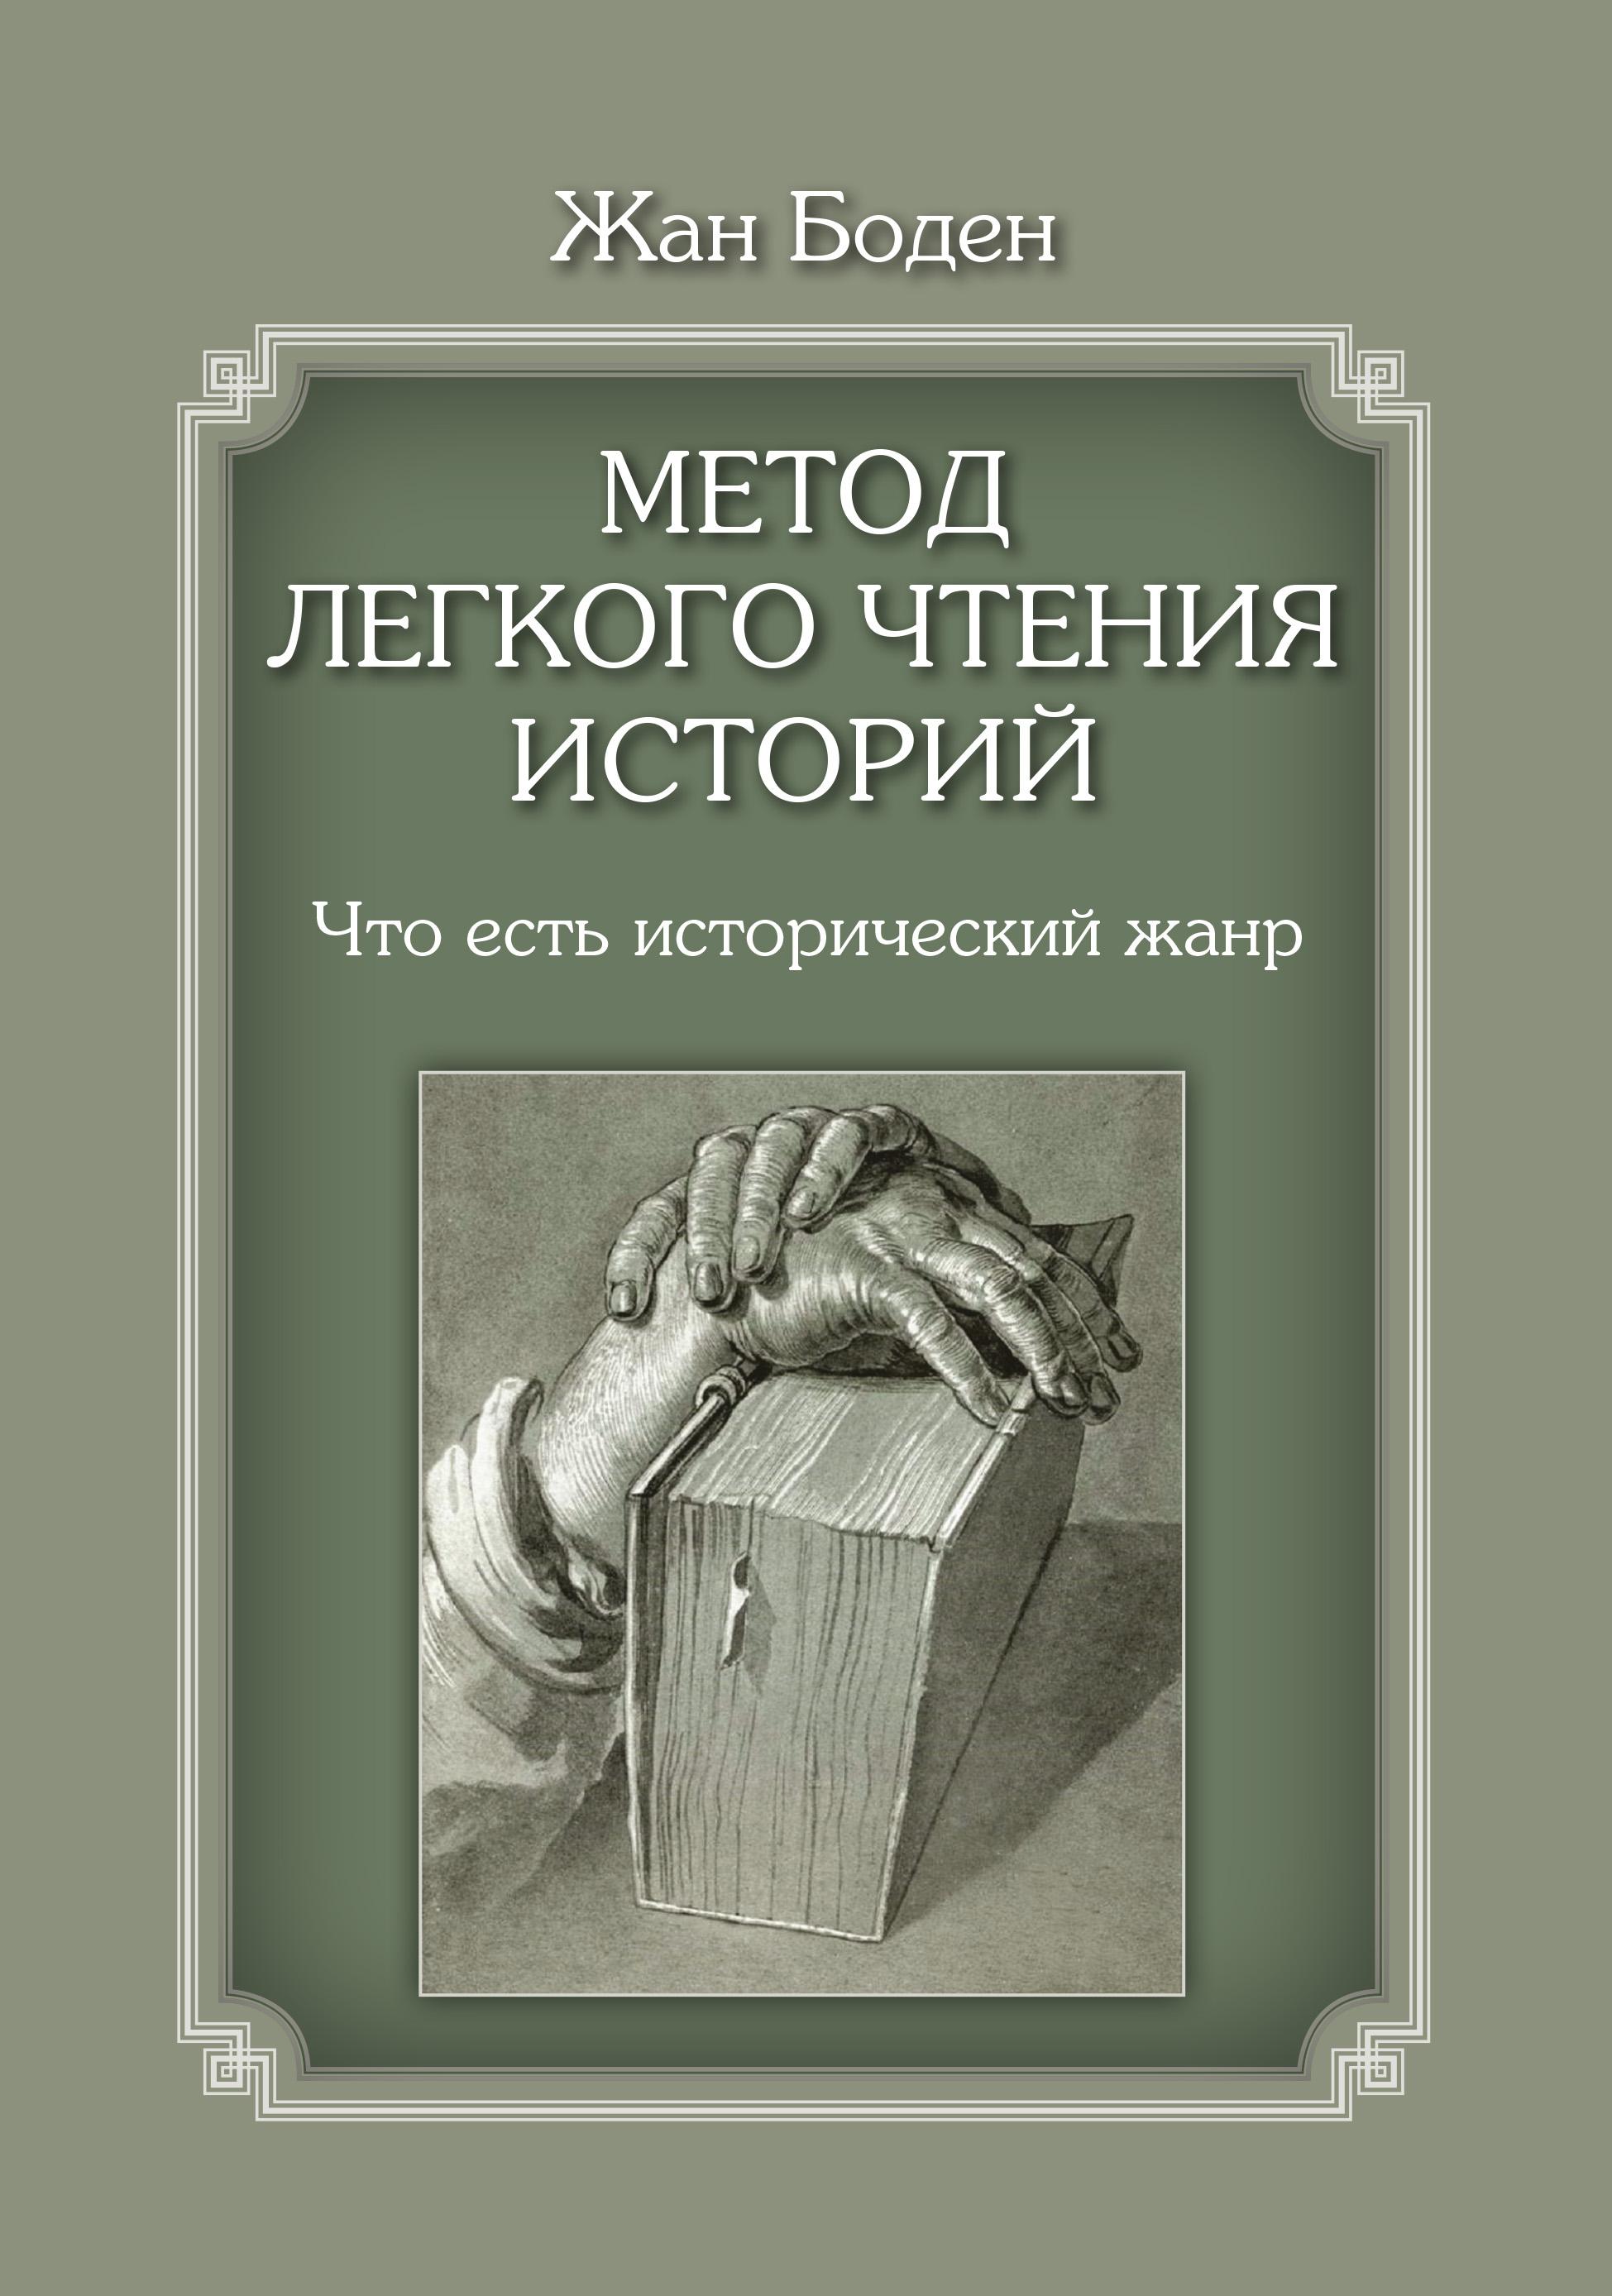 Купить книгу Метод легкого чтения историй. Т. I. Что есть исторический жанр, автора